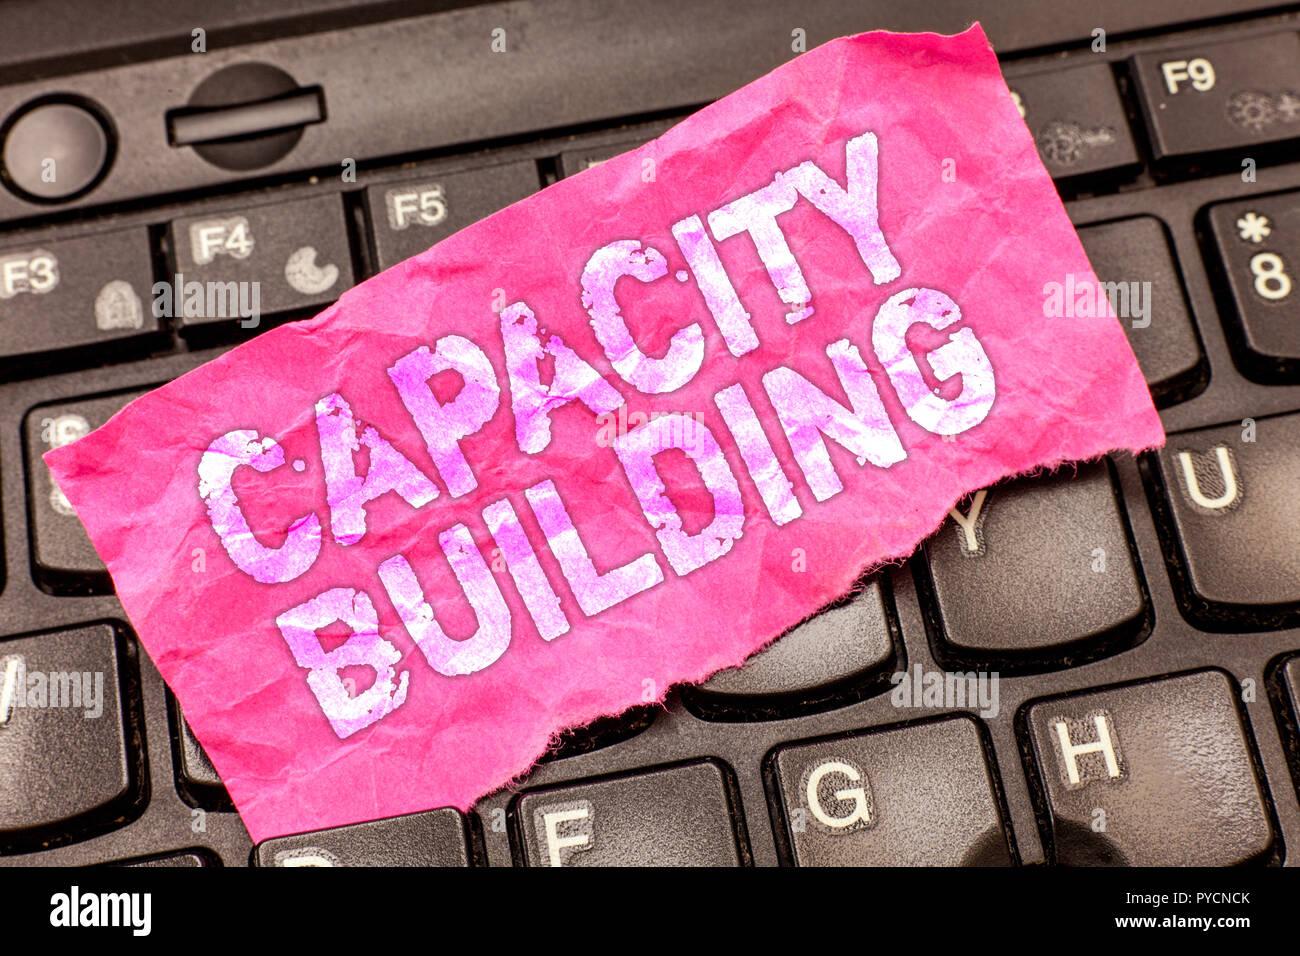 Schreiben Hinweis angezeigt. Business foto Präsentation stärken die Fähigkeiten von Einzelpersonen die Arbeitsverteilung. Stockbild